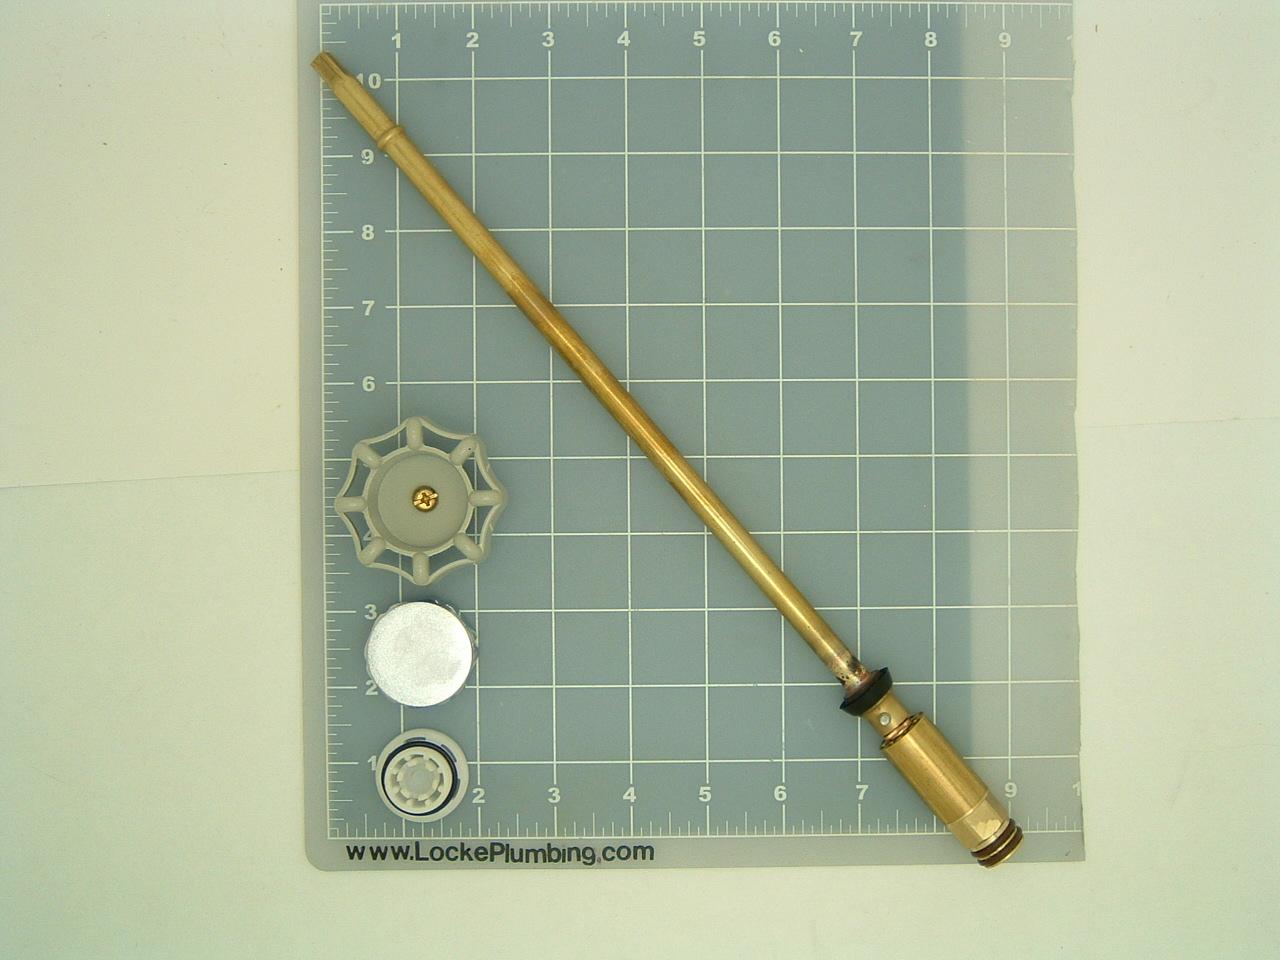 Fixing A Moen Kitchen Faucet Nibco Faucet Parts Nibco Faucet Parts Model 90 Vacuum